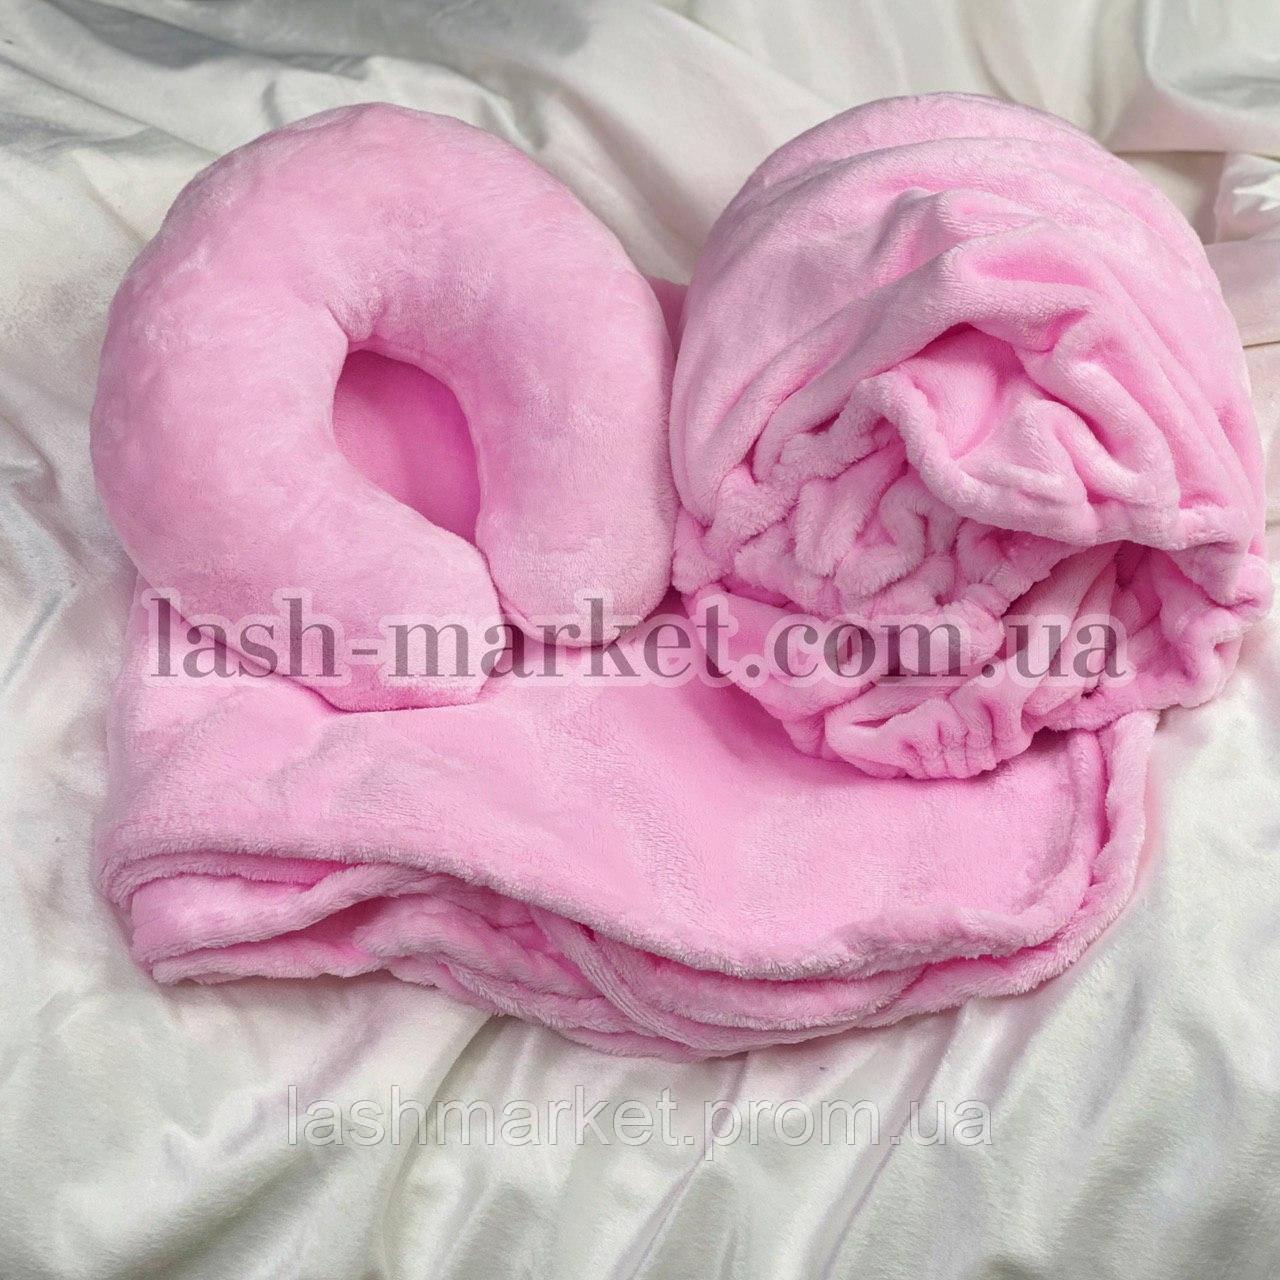 """Набор 3в1: чехол на кушетку, плед, подушка(махра) """"Нежно розовый """""""